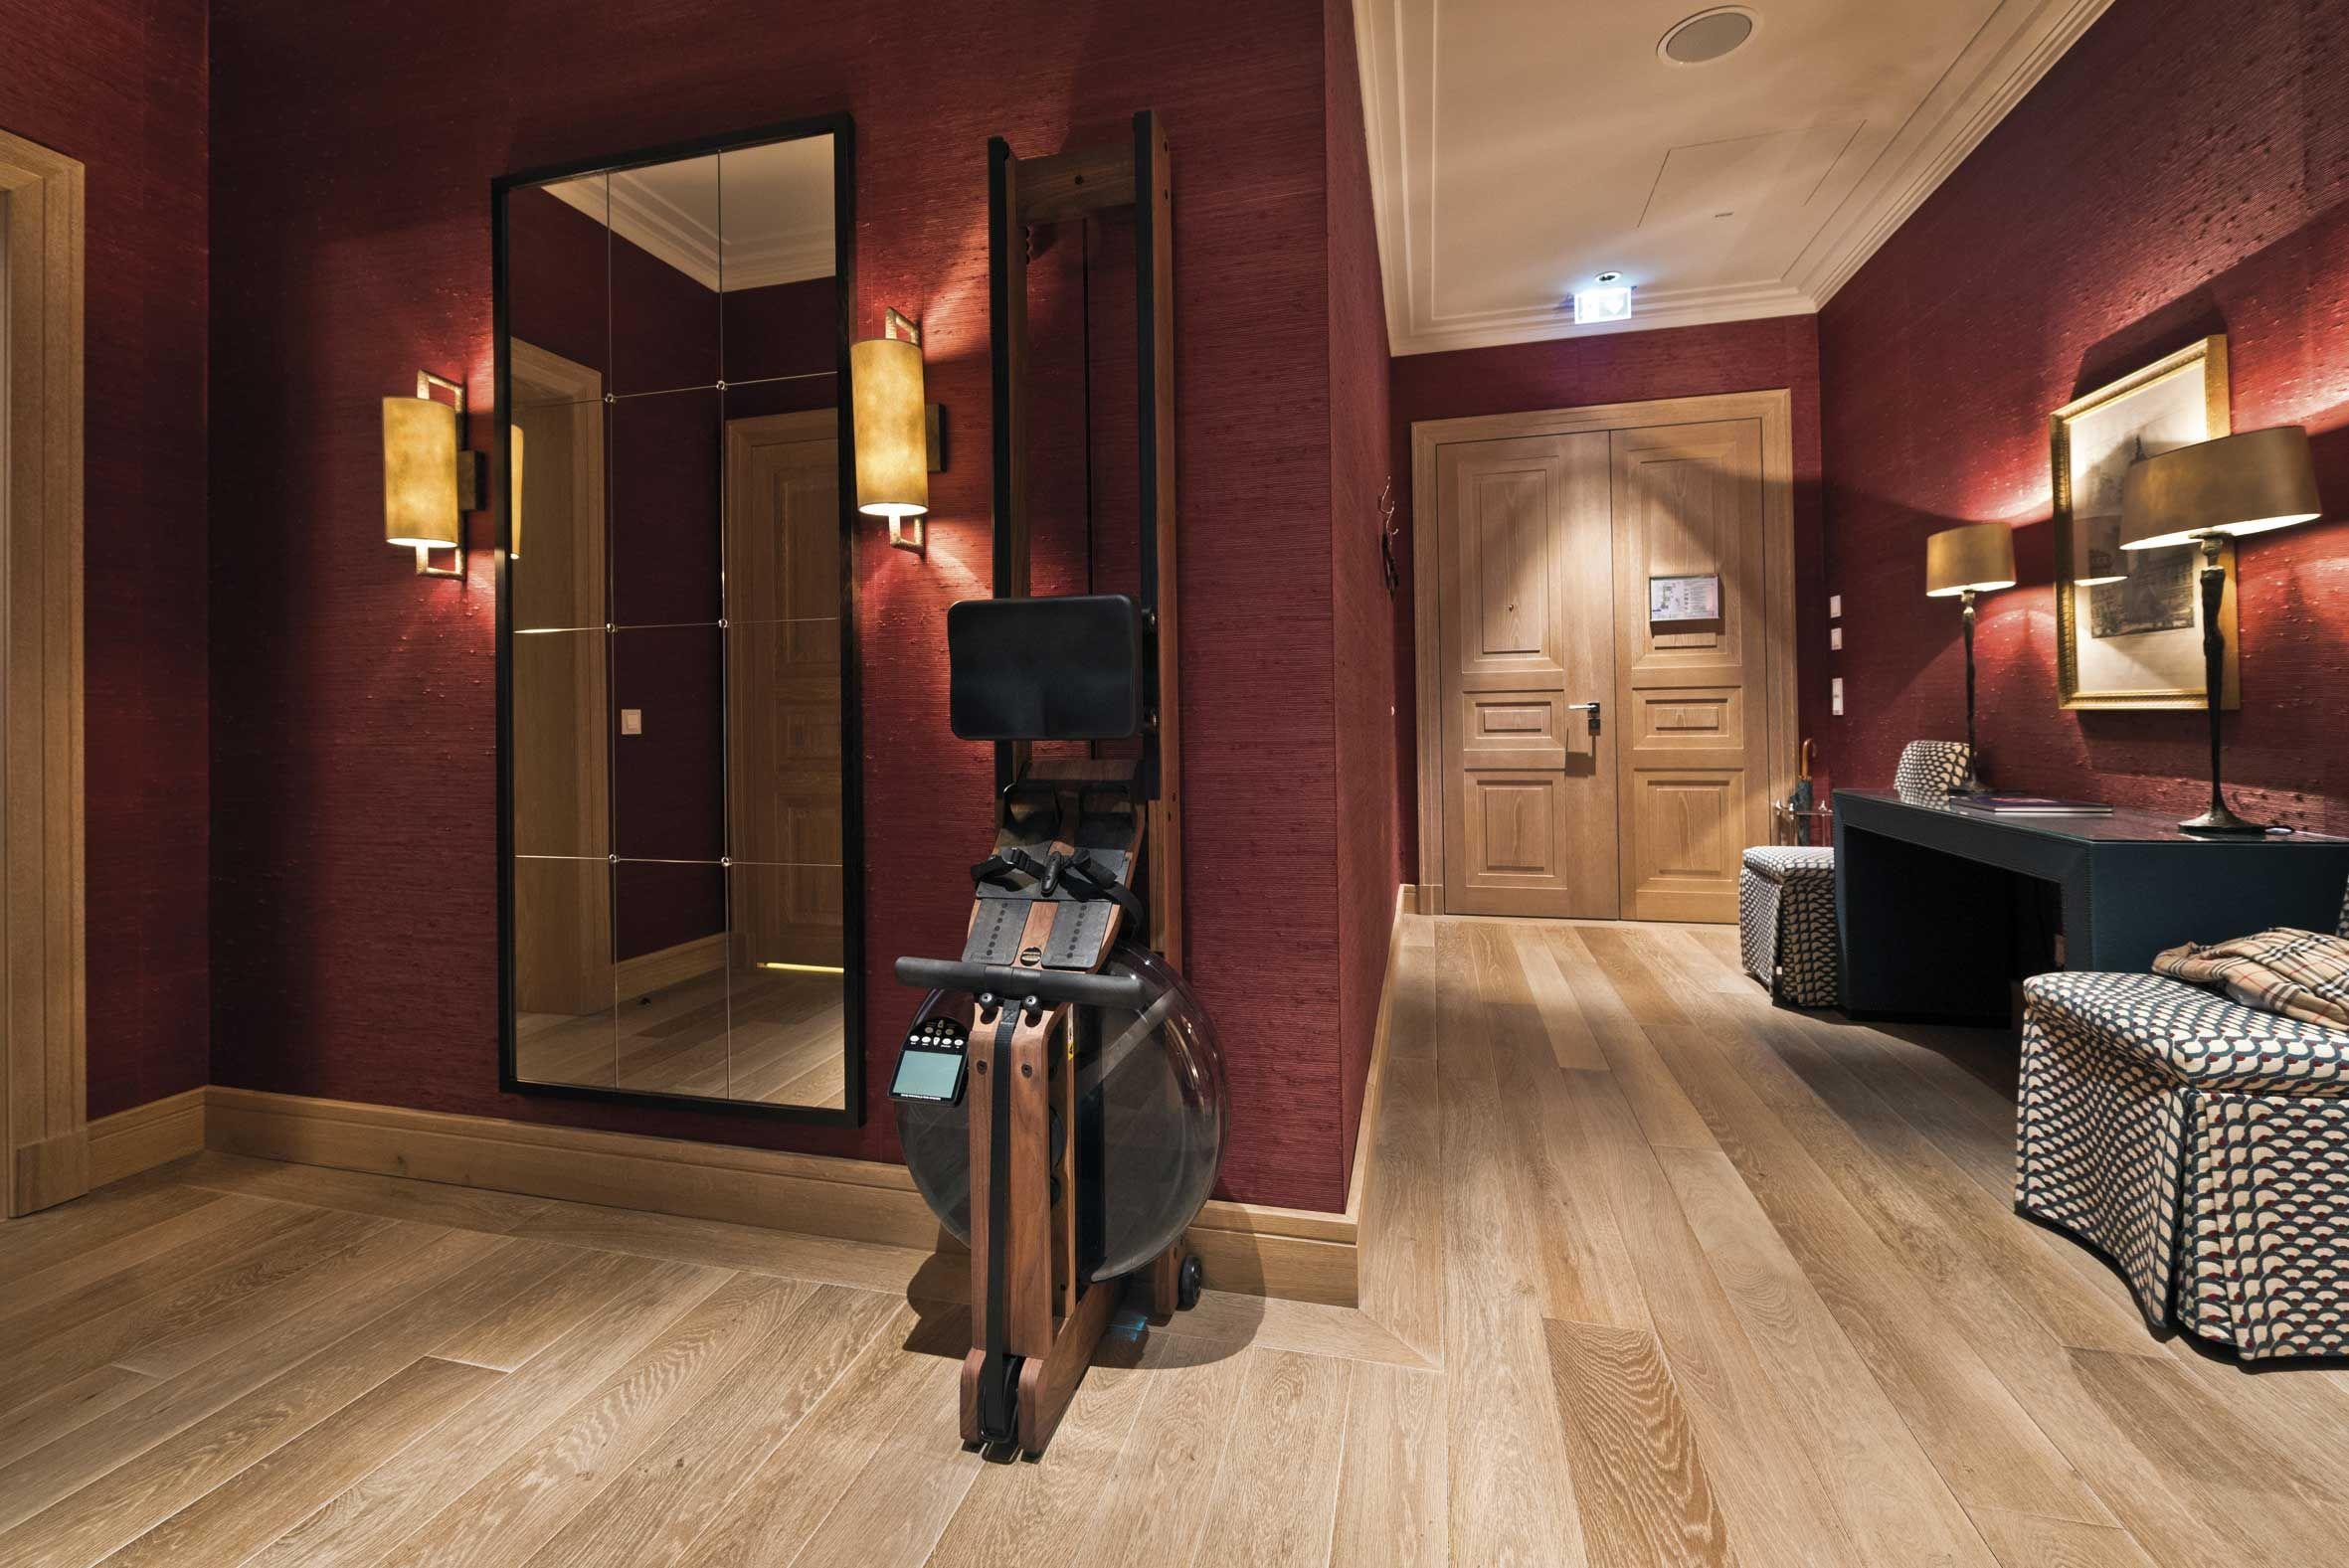 Waterrower rameur avec r sistance eau dans chambre d - Chambre d hote couleur bois et spa ...